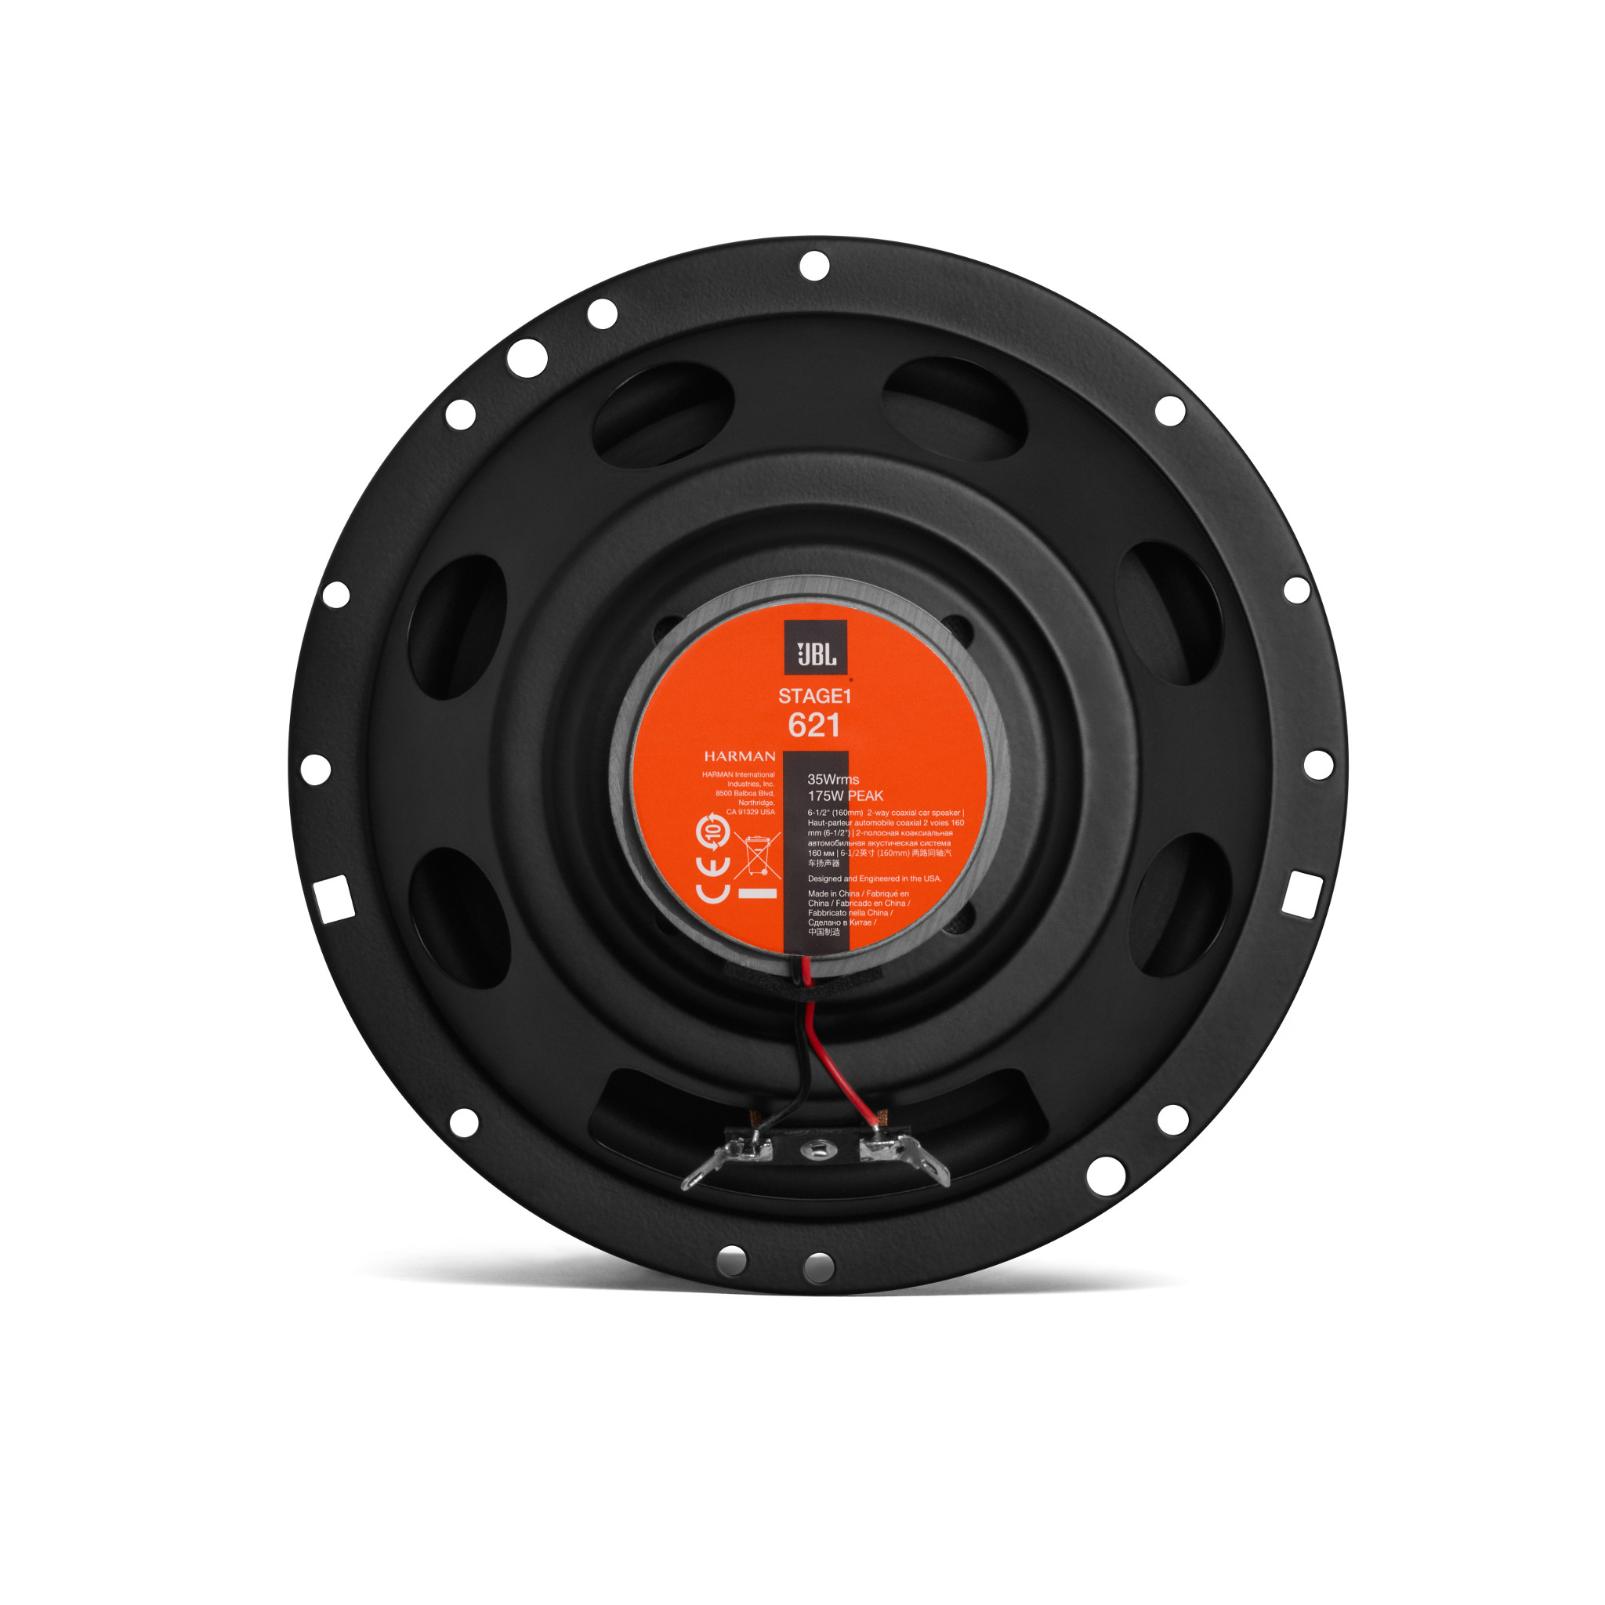 """JBL Stage1 621 - Black - 6-1/2"""" (160mm)  Two Way  Car Speaker - Back"""